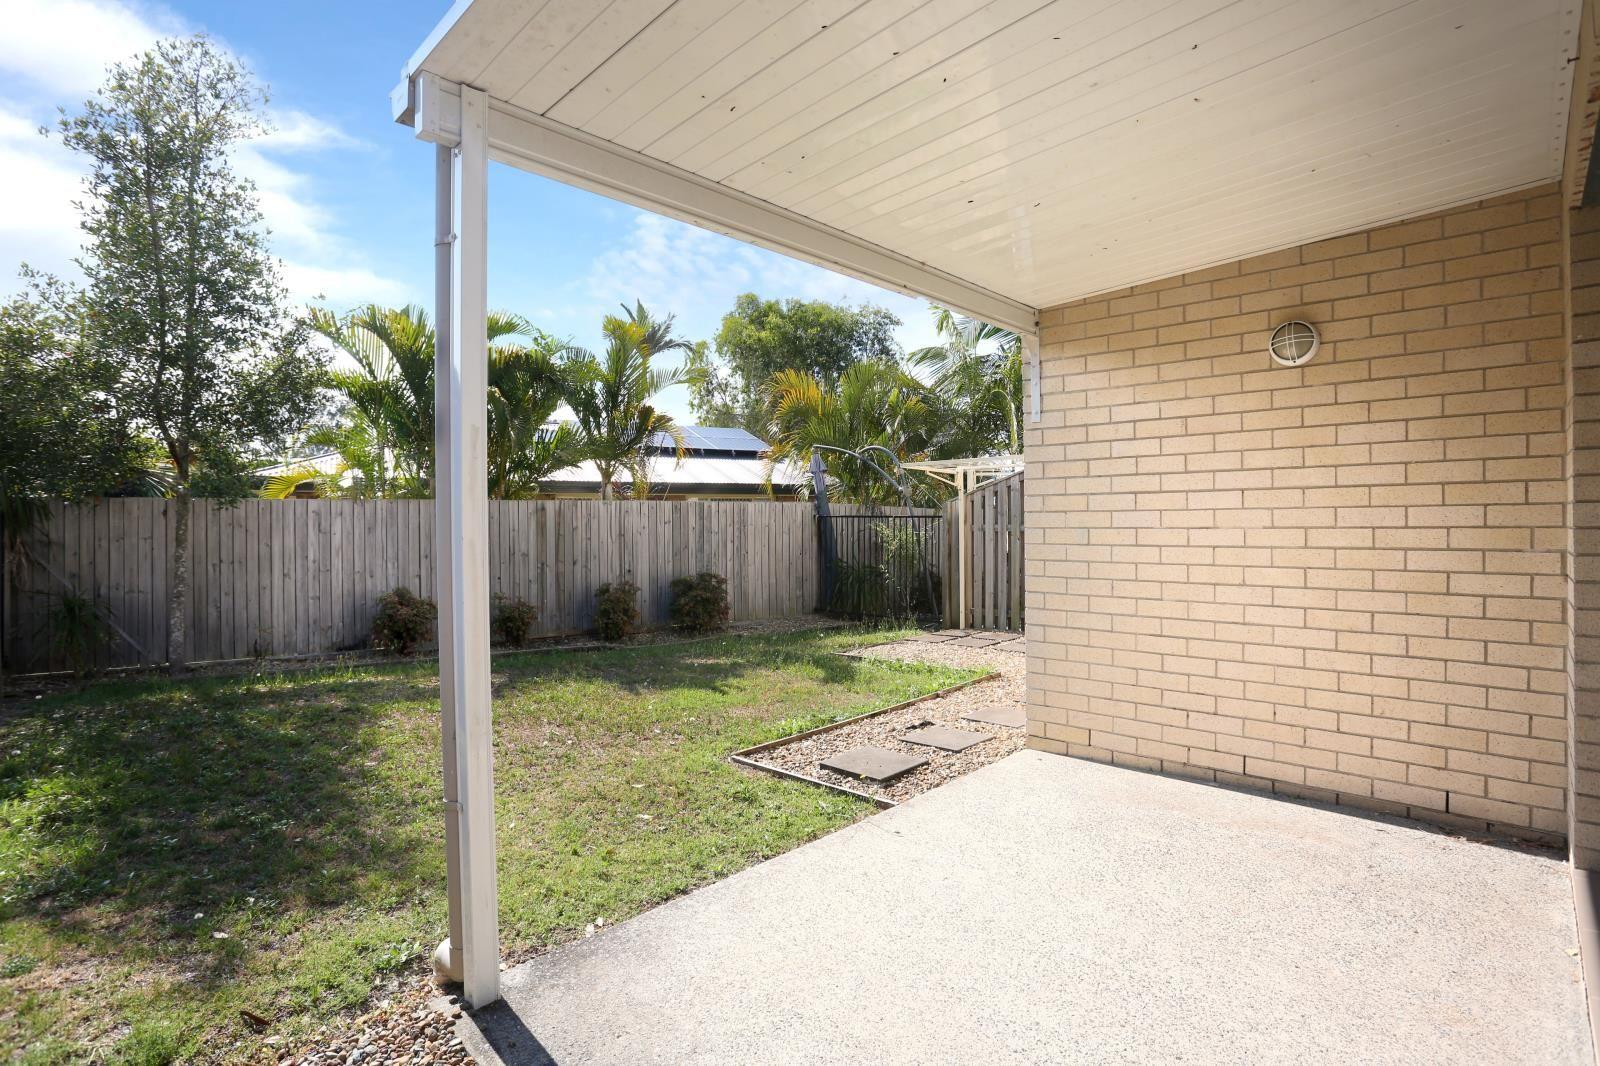 9/140-142 Eagleby Road, Eagleby QLD 4207, Image 2